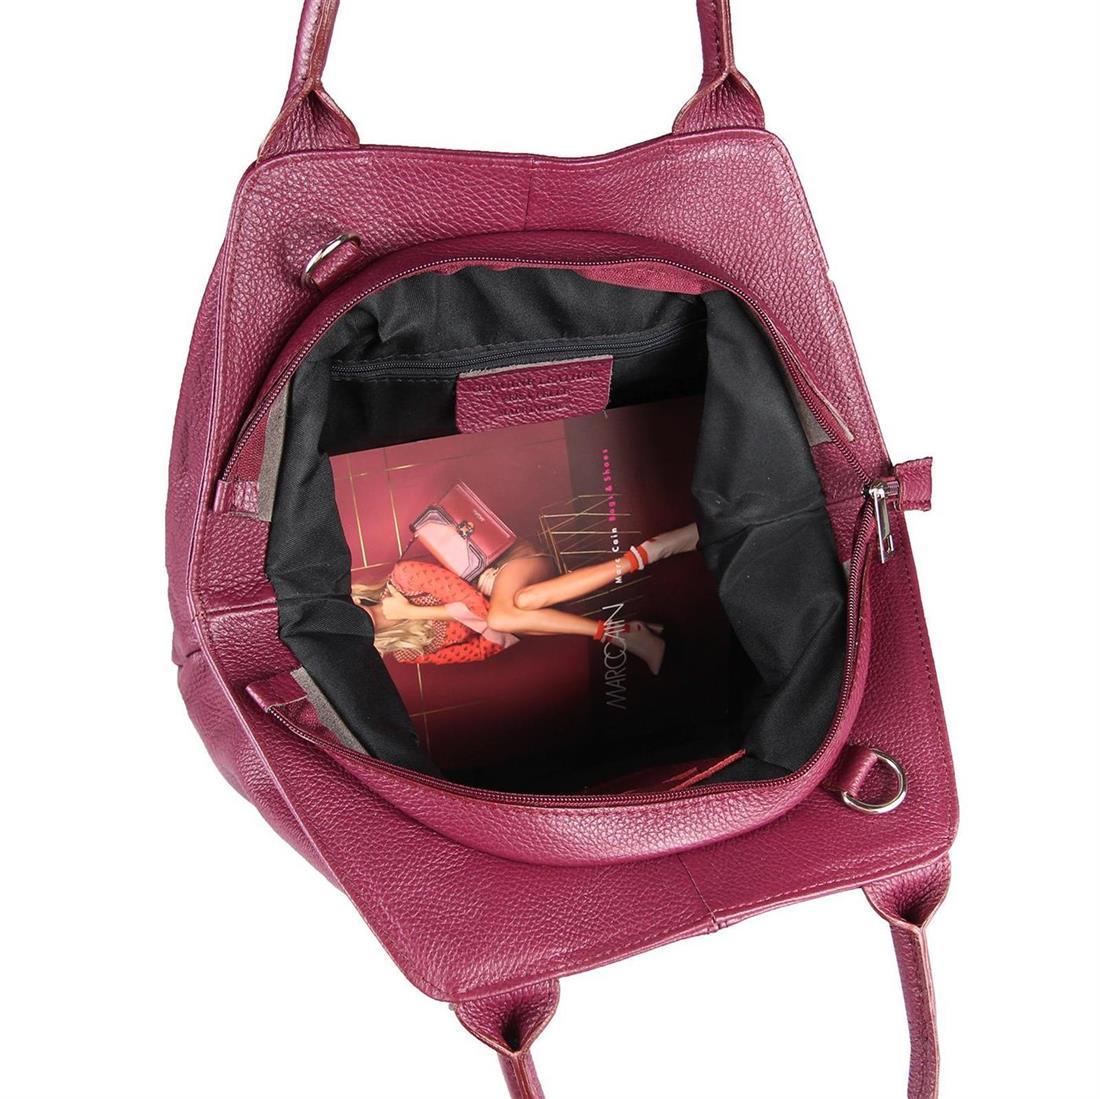 ITALY-LEDER-SHOPPER-Umhaengetasche-Schulter-Hand-Tasche-Damentasche-Ledertasche Indexbild 10